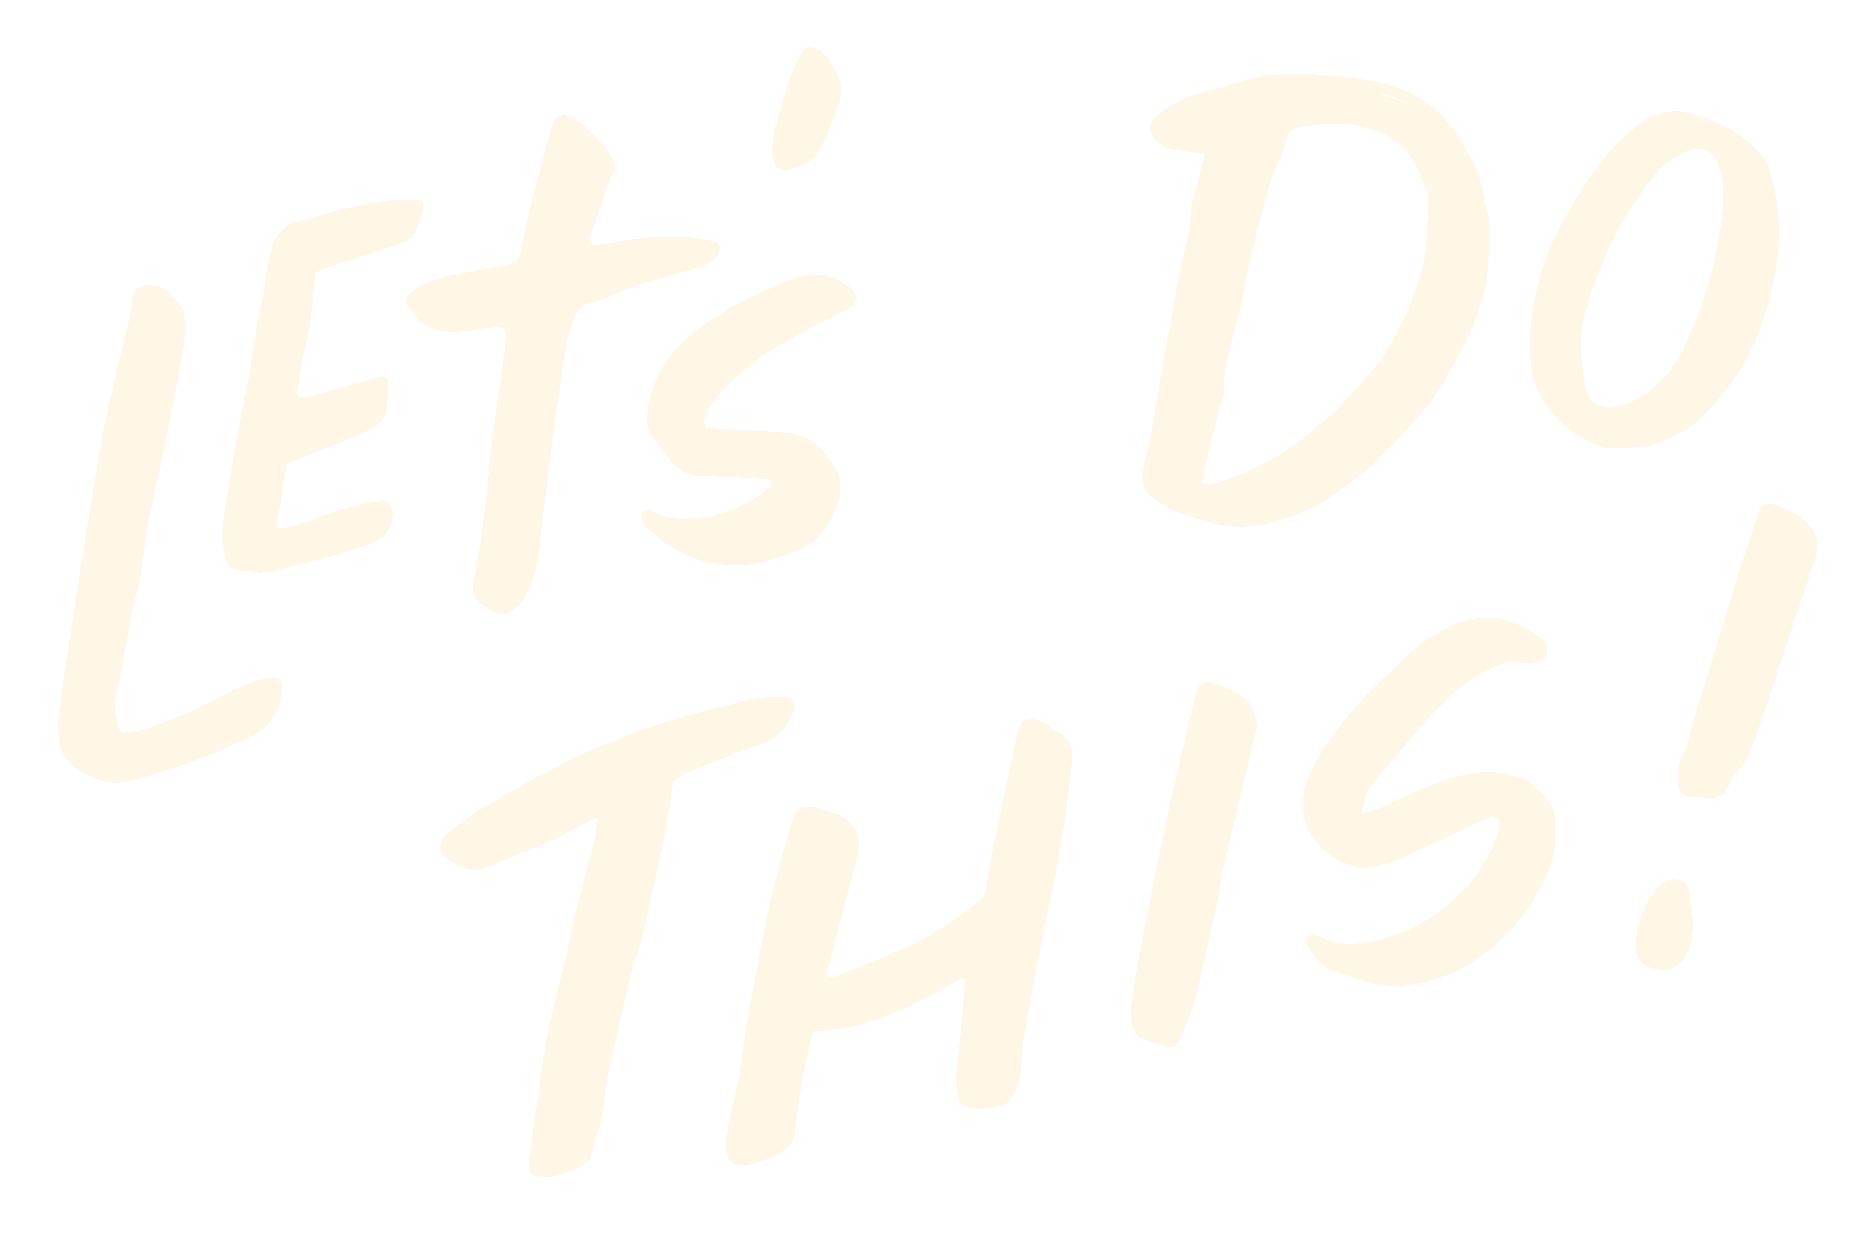 LetsDoThis